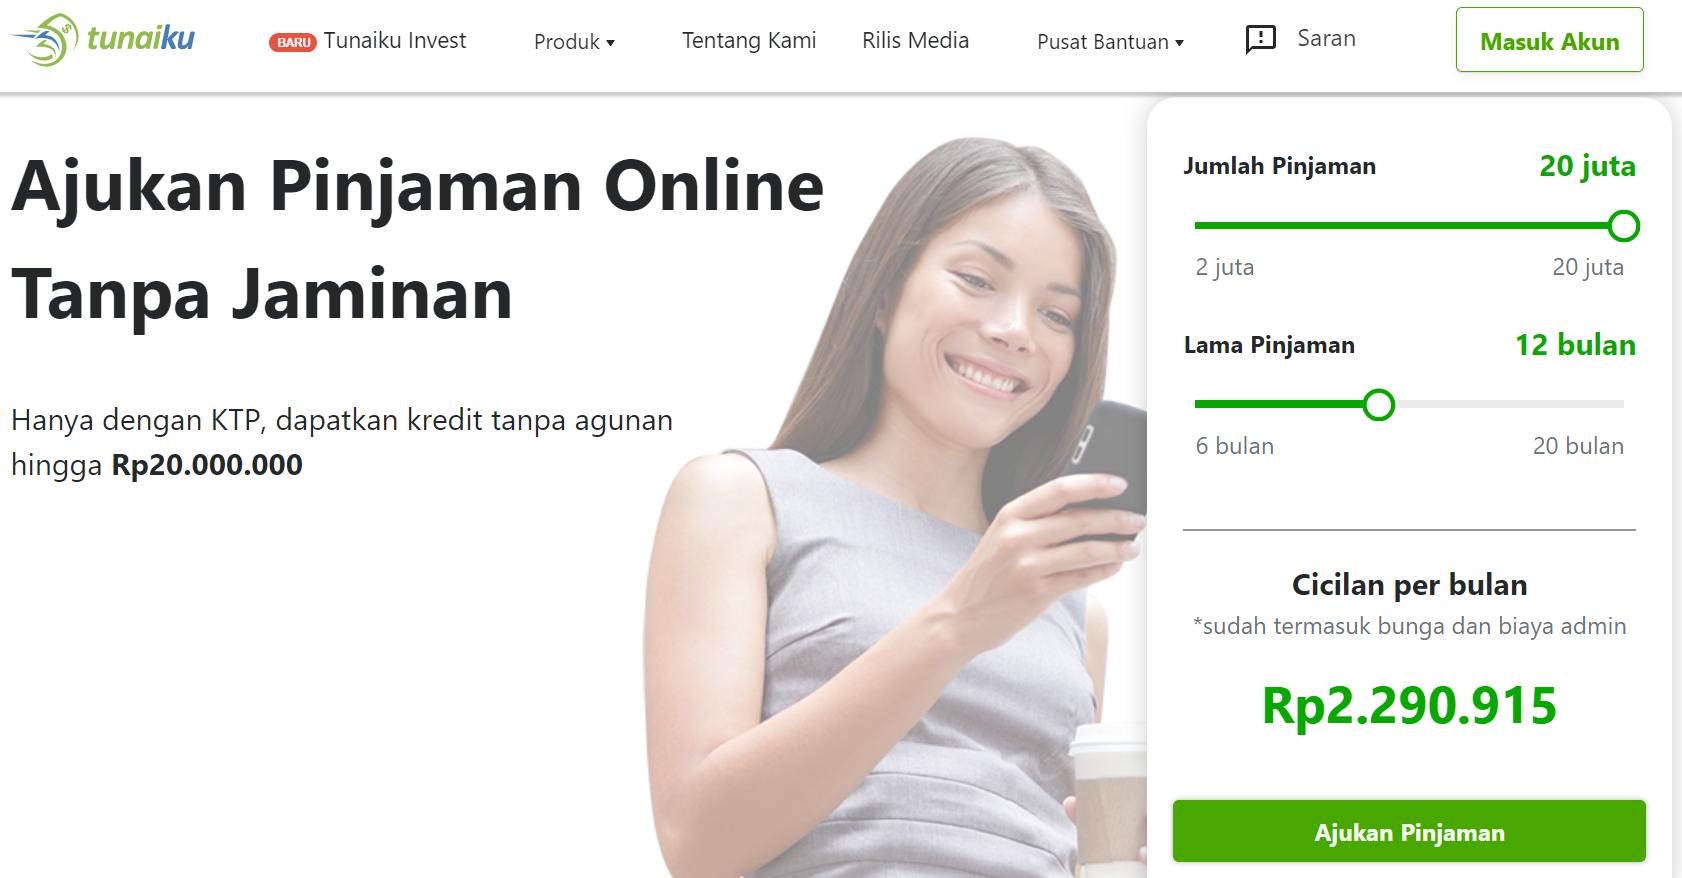 5 Aplikasi Pinjaman Online Resmi Dan Terdaftar Ojk